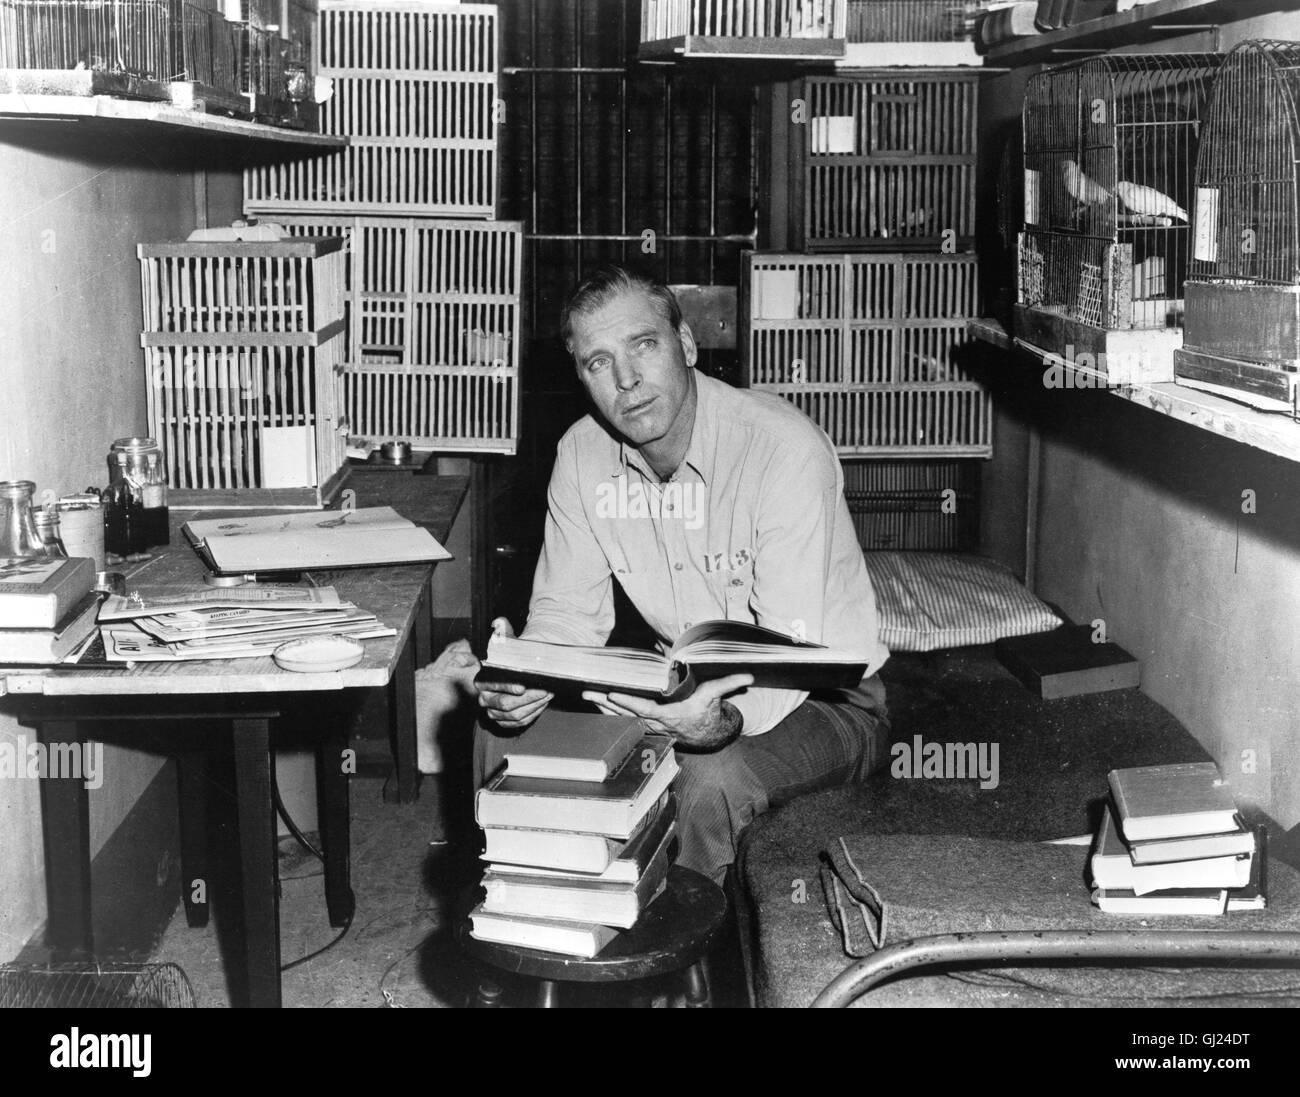 DER GEFANGENE VON ALCATRAZ Birdman of Alcatraö Der Film erzählt die Geschichte eines Doppelmörders, der sich während Stock Photo